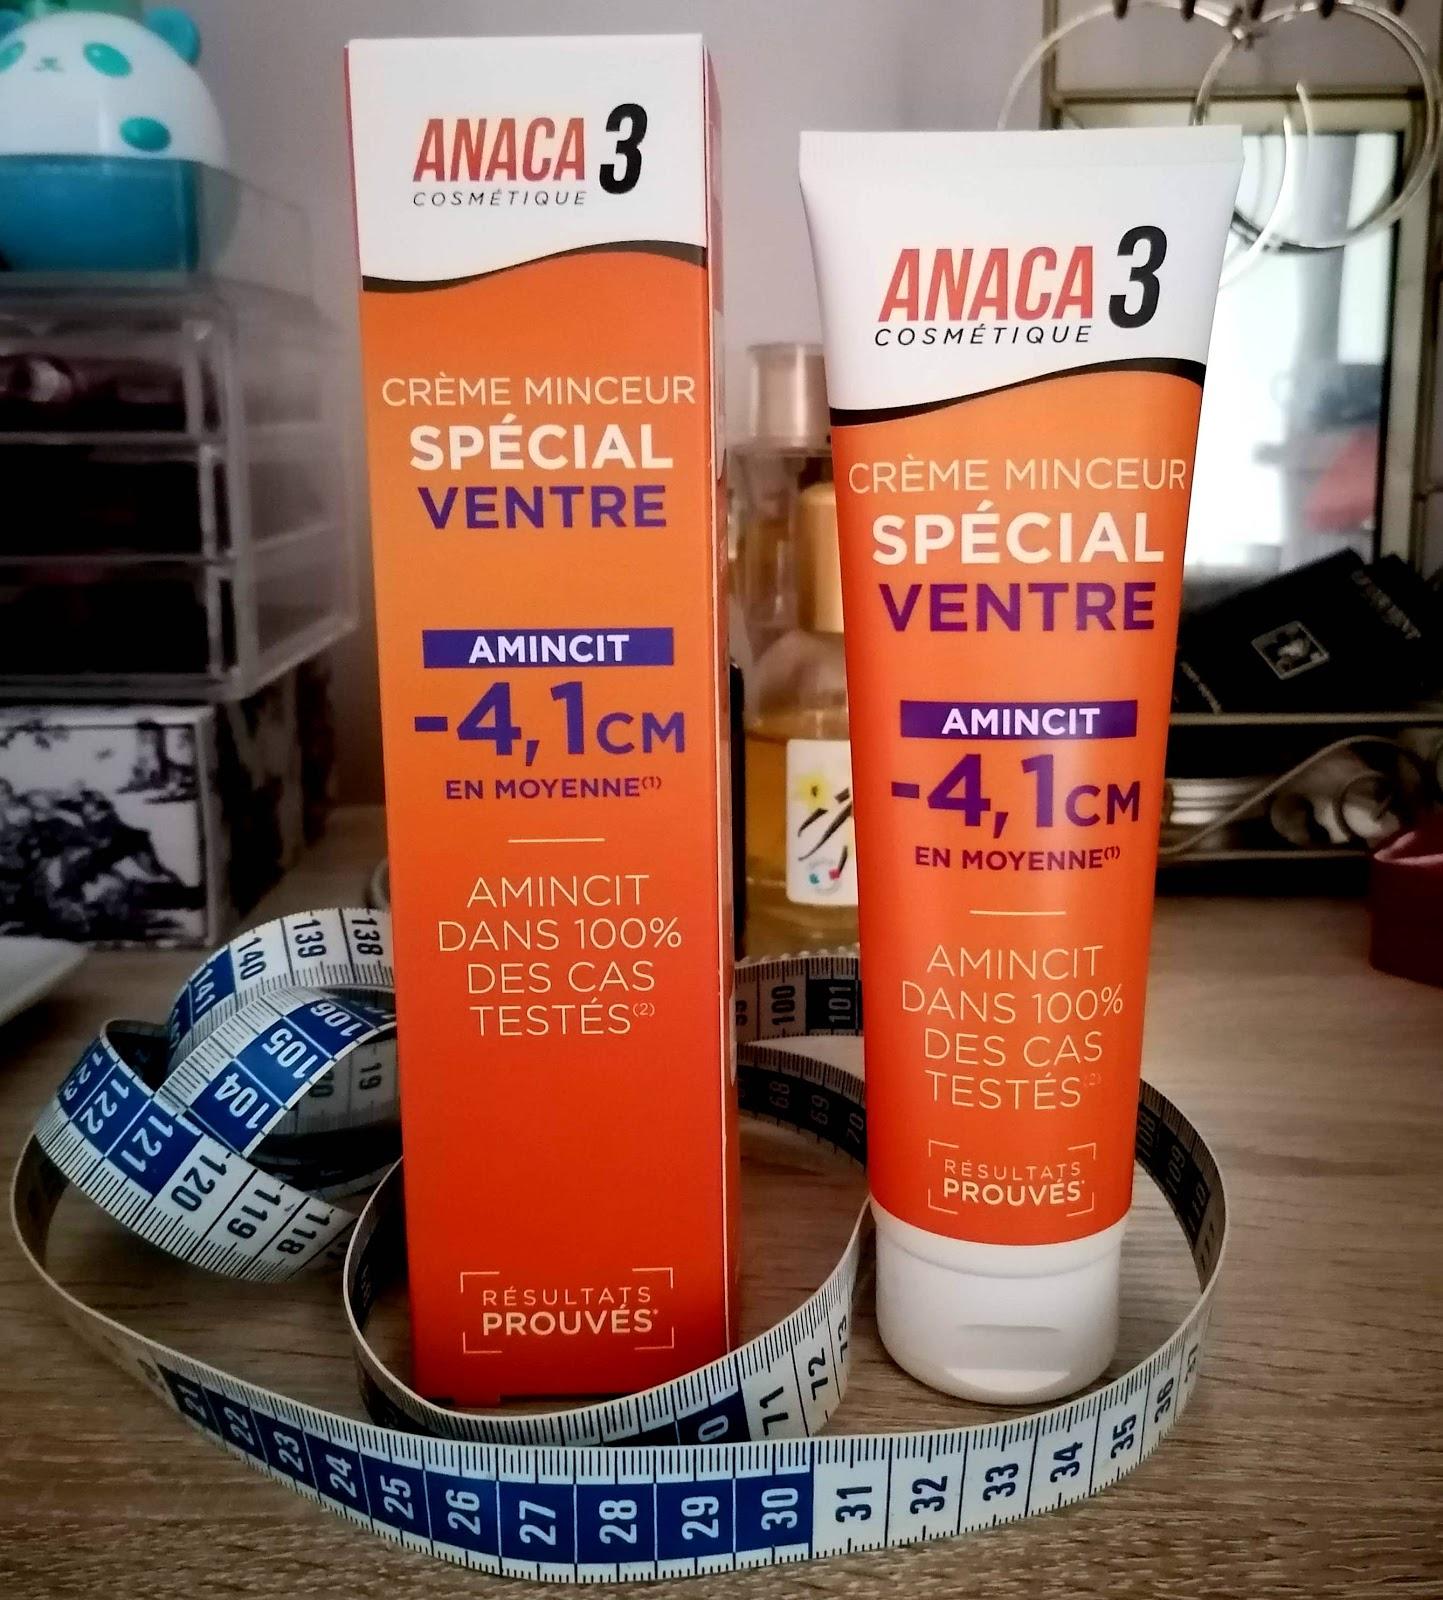 CONCOURS ANACA3 : Essayer le nouvelle crème minceur spécial ventre!